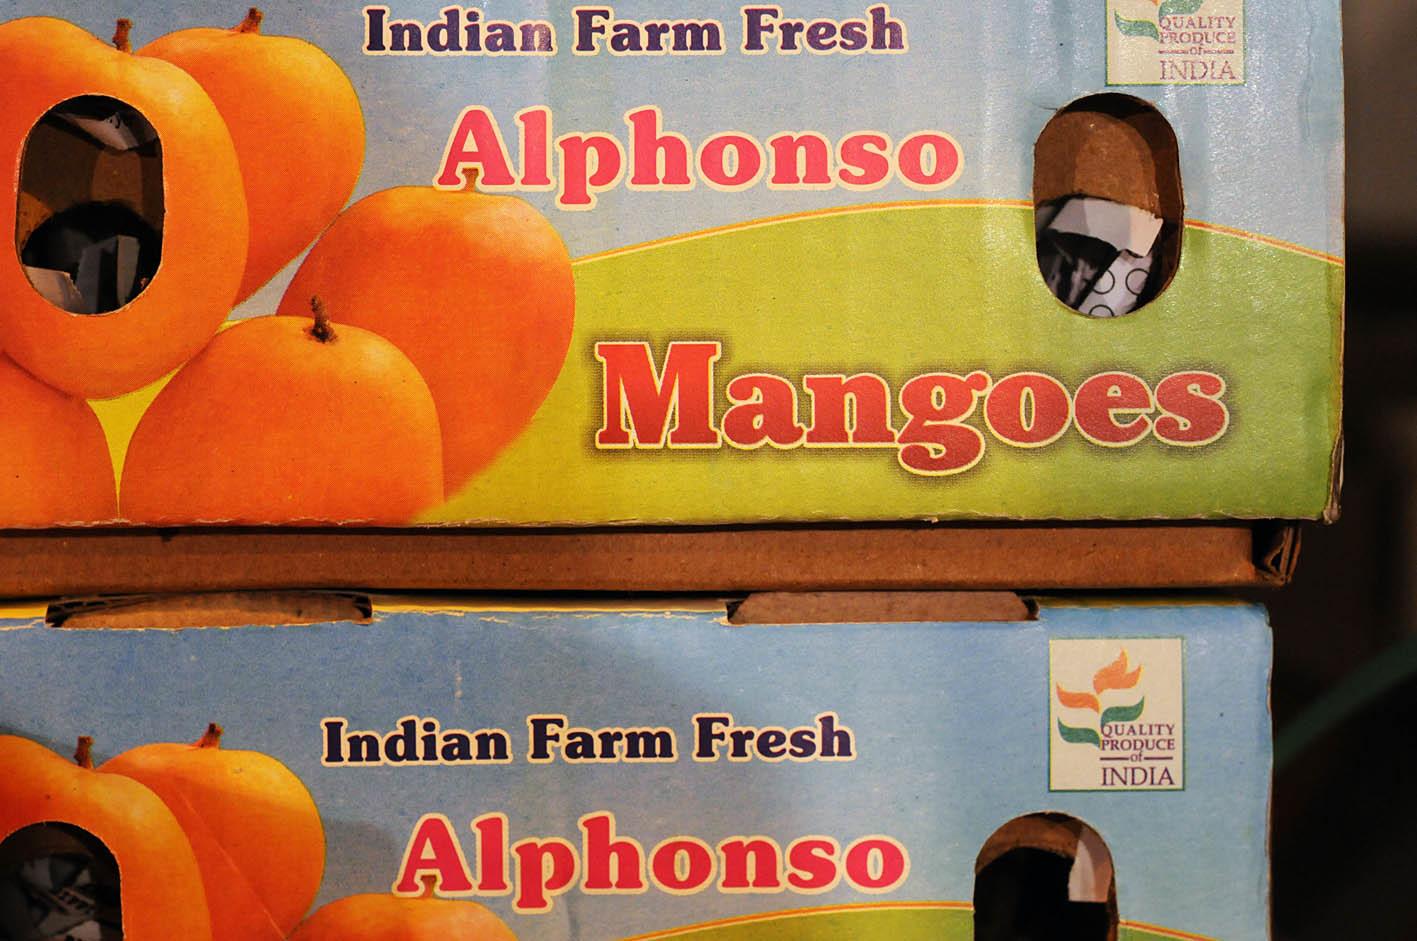 alphonso-mangoes.jpg?mtime=20170922143742#asset:11526